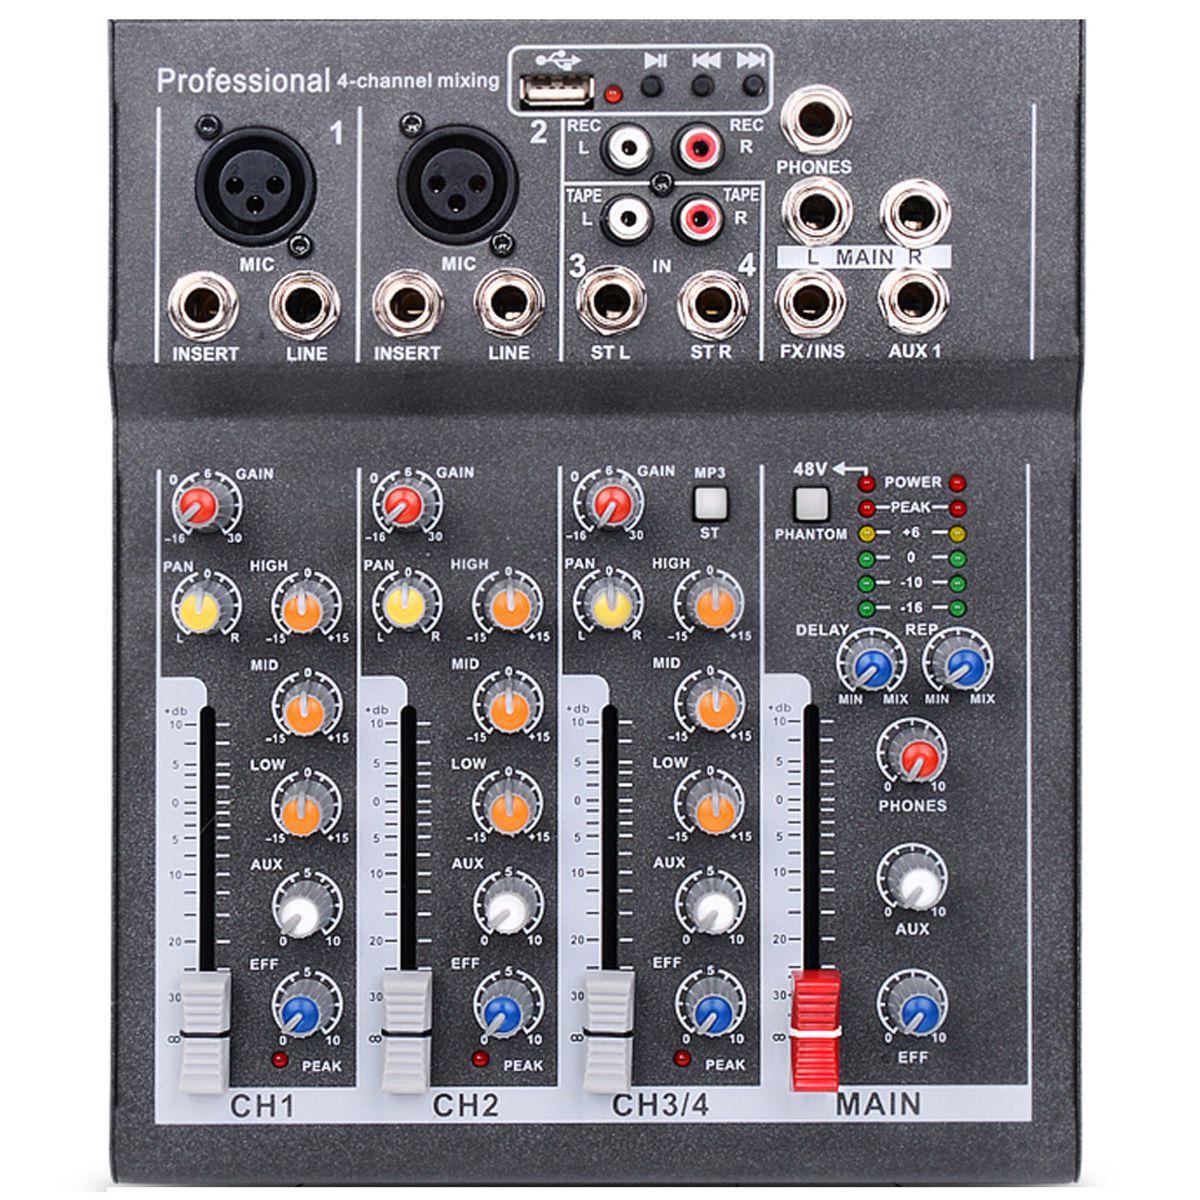 Prise ue Mini mélangeur Audio Portable avec Usb Dj Console de mixage sonore prise Mp3 4 canaux karaoké 48V amplificateur pour karaoké Ktv Ma